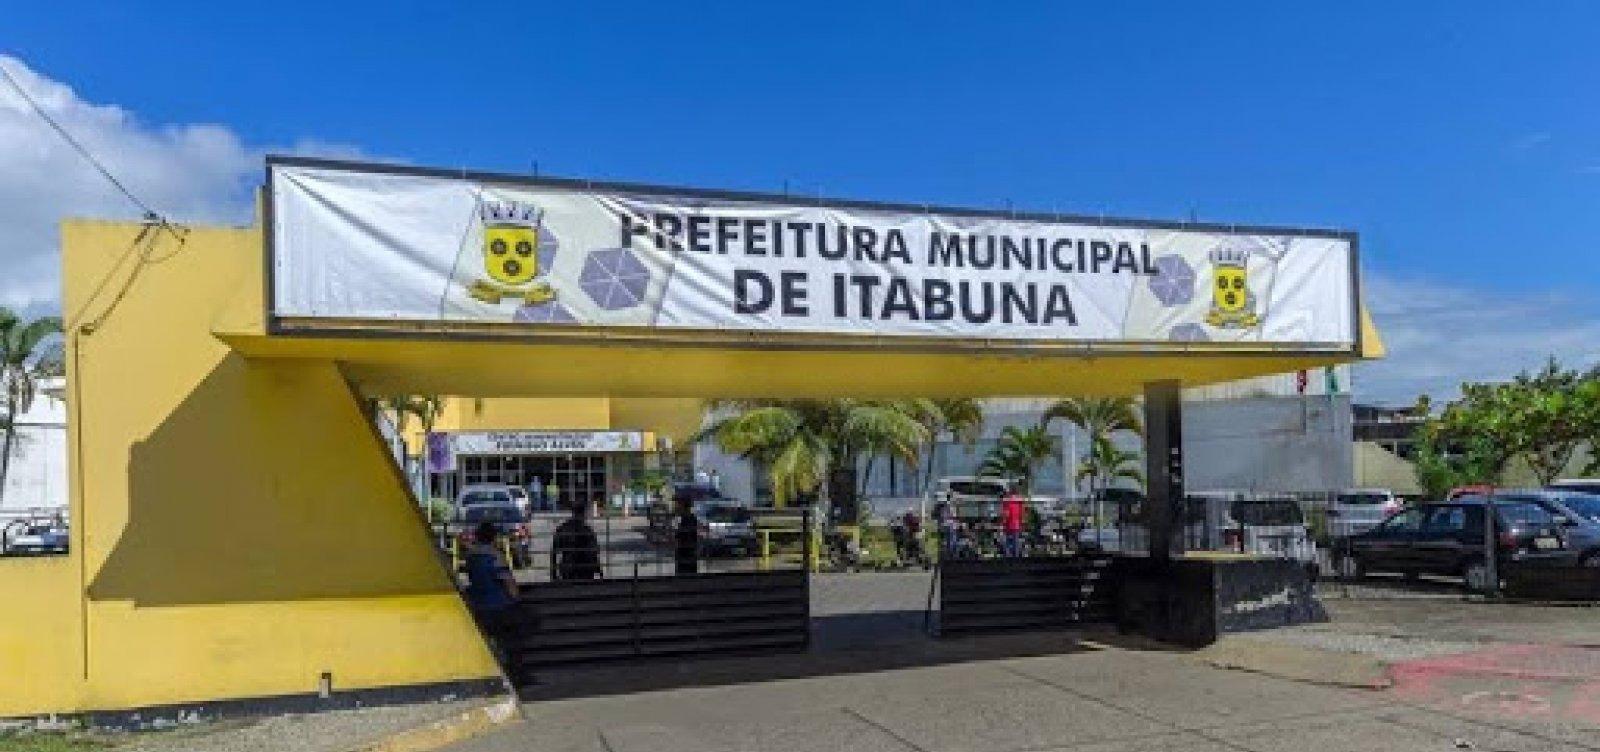 [Justiça suspende 'toque de recolher' decretado pela prefeitura de Itabuna]